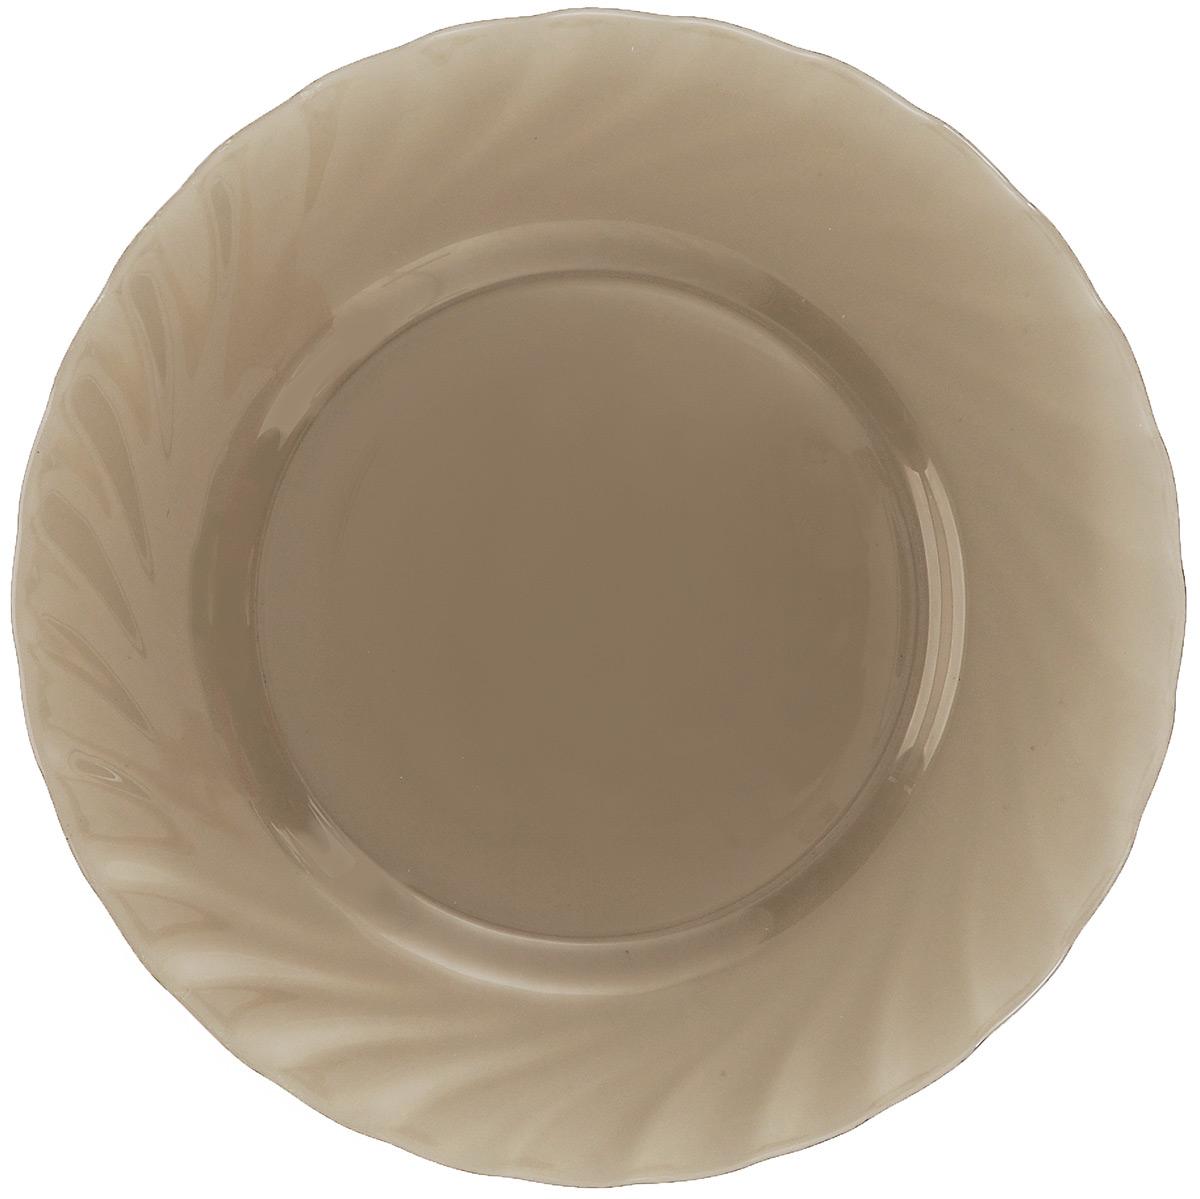 Тарелка обеденная Luminarc Ocean Eclipse, диаметр 24,5 смH0244Обеденная тарелка Luminarc Ocean Eclipse, изготовленная из высококачественного стекла, имеет изысканный внешний вид. Яркий дизайн придется по вкусу и ценителям классики, и тем, кто предпочитает утонченность. Тарелка Luminarc Ocean Eclipse идеально подойдет для сервировки стола и станет отличным подарком к любому празднику. Диаметр (по верхнему краю): 24,5 см.